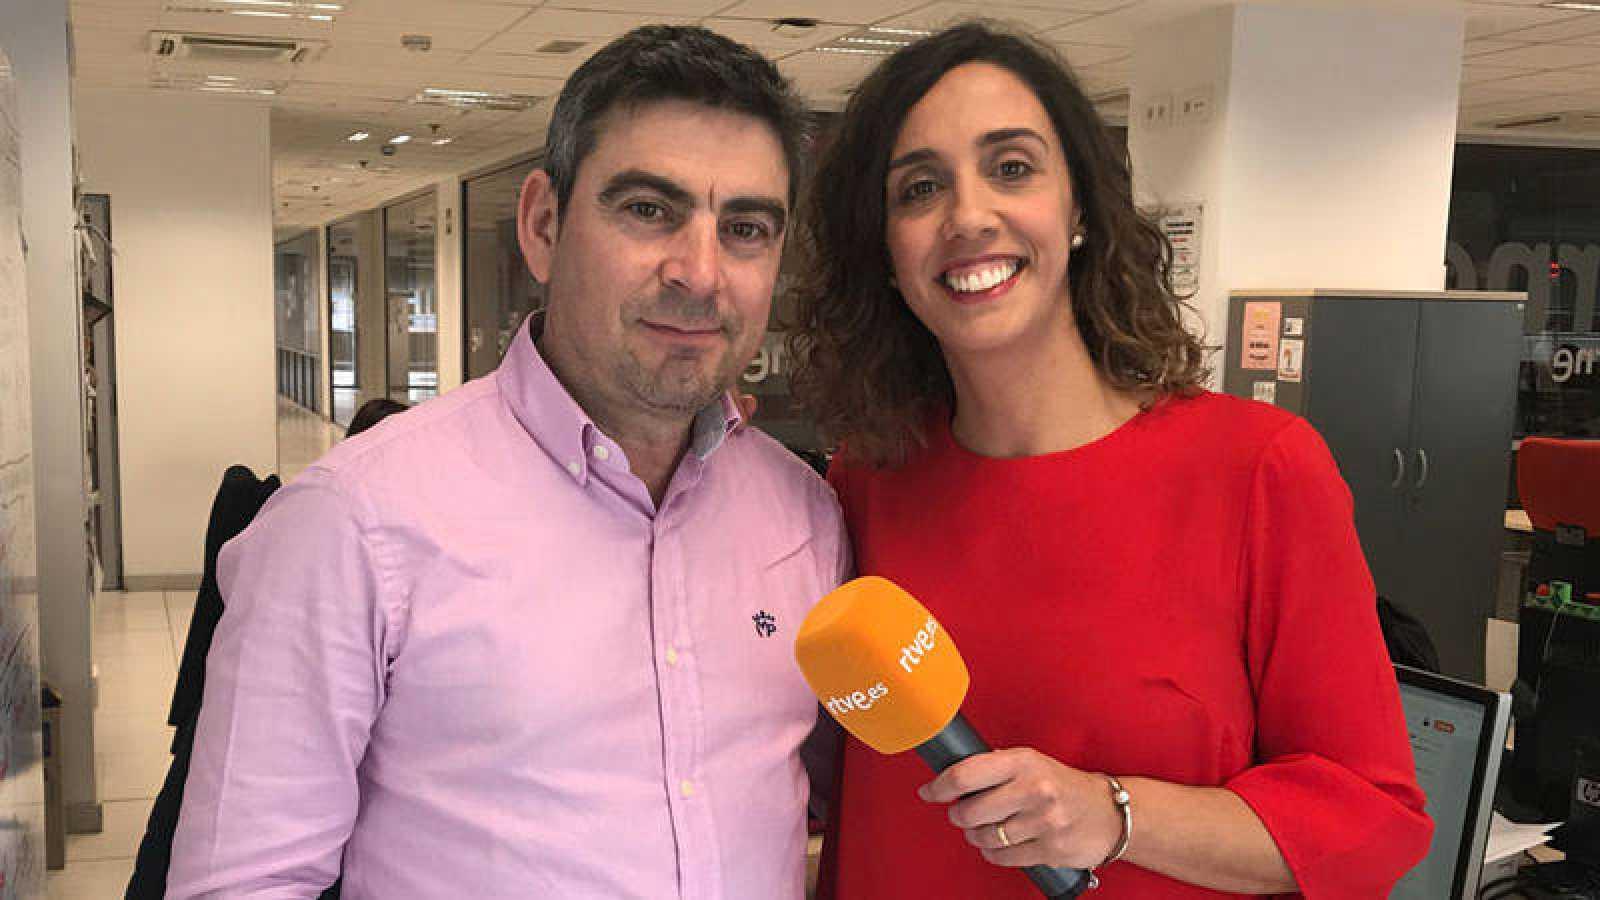 El Ciudadano García y Raquel Martín, de RTVE.es.